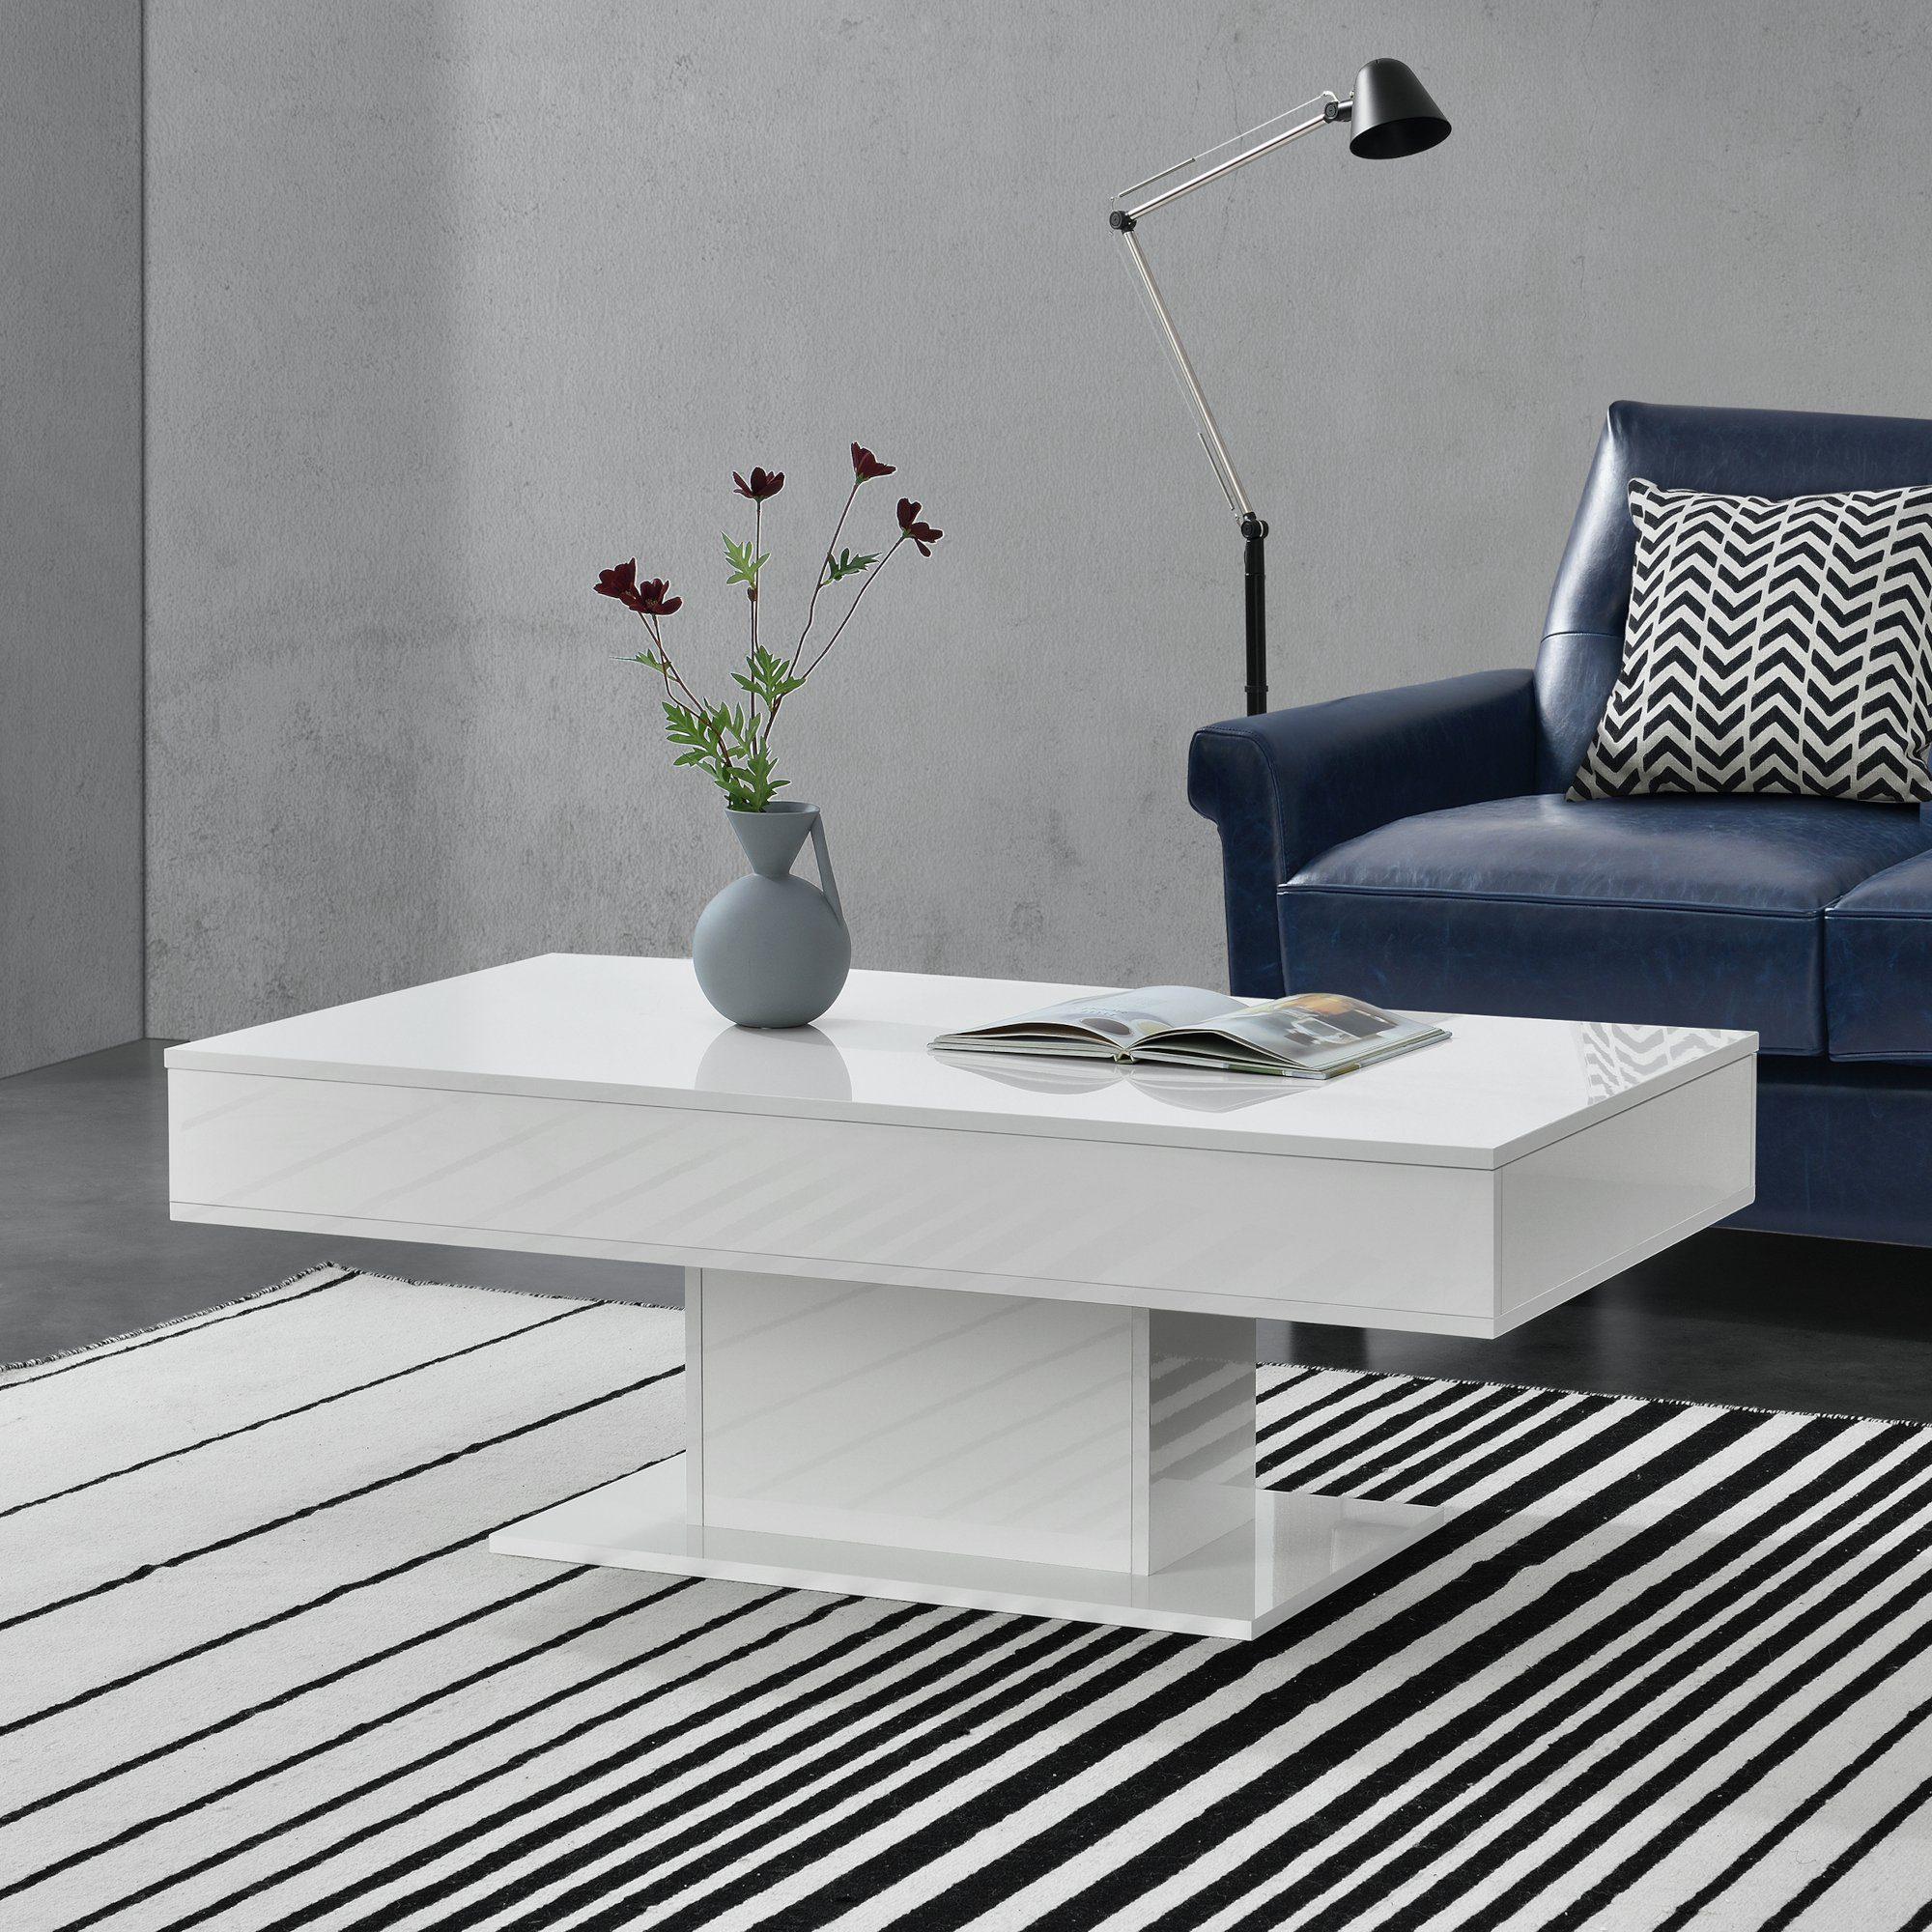 en.casa Couchtisch, »Lünen« Wohnzimmertisch mit 2 Staufächern ausziehbar weiß hochglanz online kaufen | OTTO